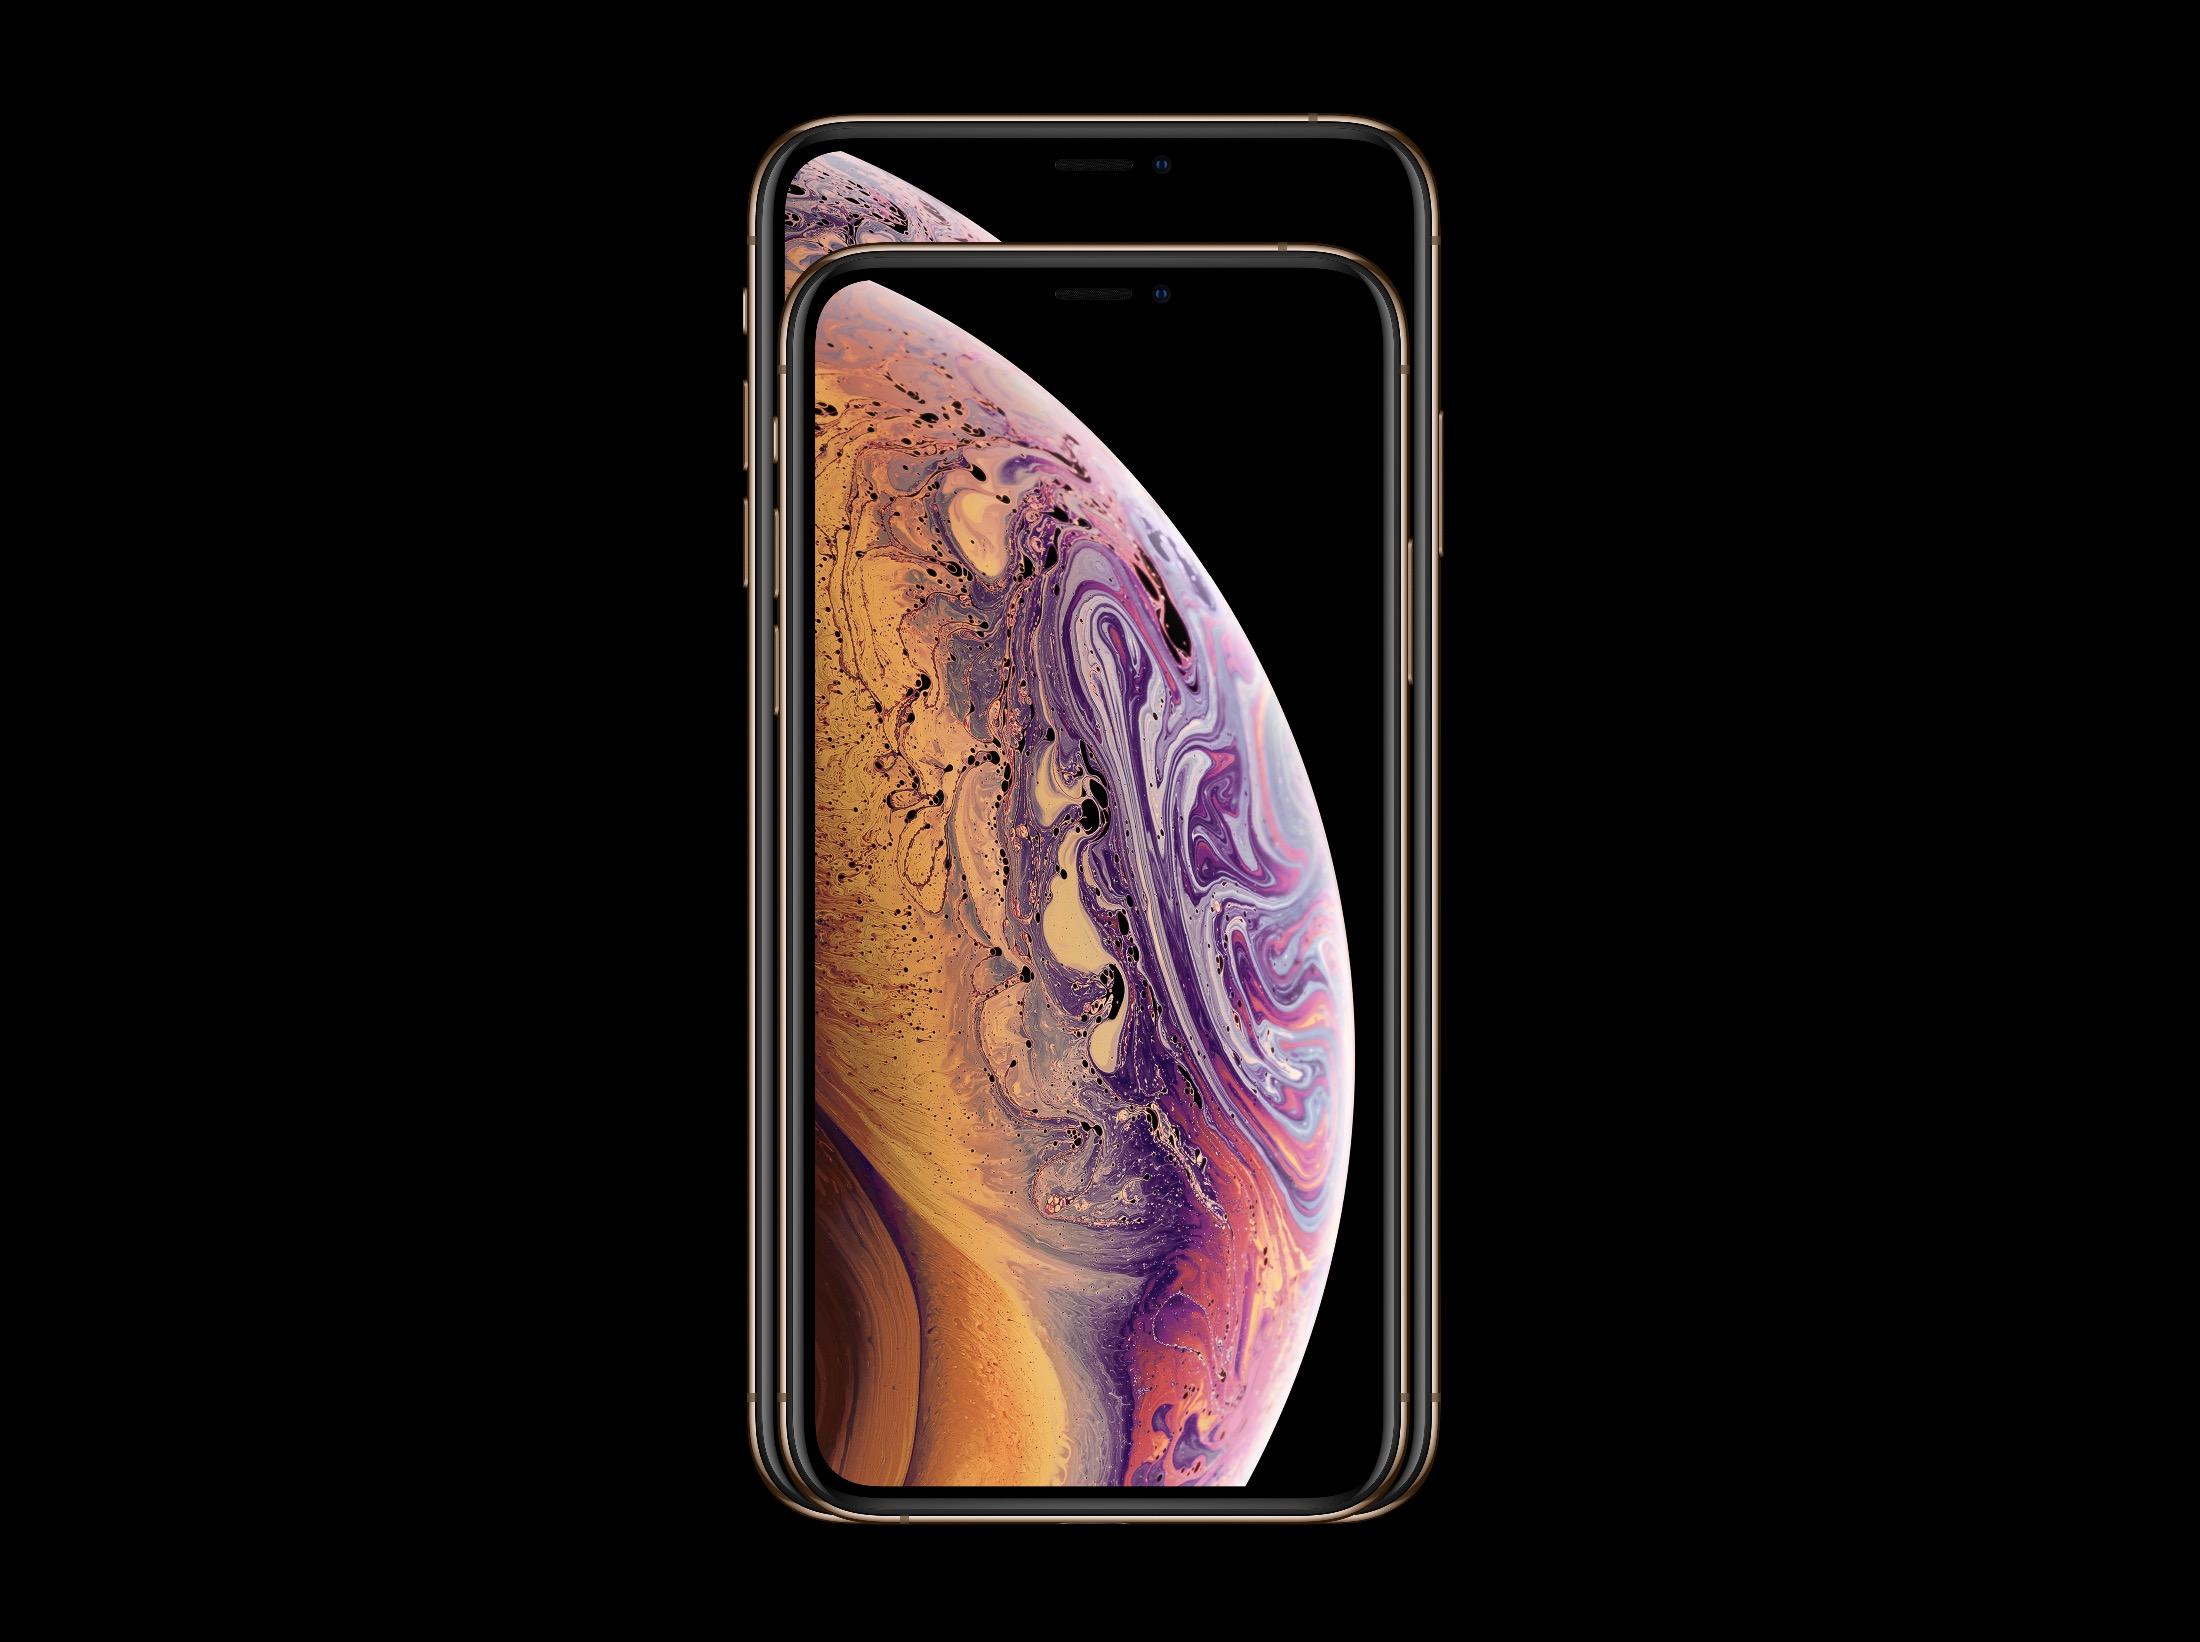 iphone xs xsmax ontop - Minuloročný iPhone X prekonal iPhone Xs a Xs Max vo výdrži batérie